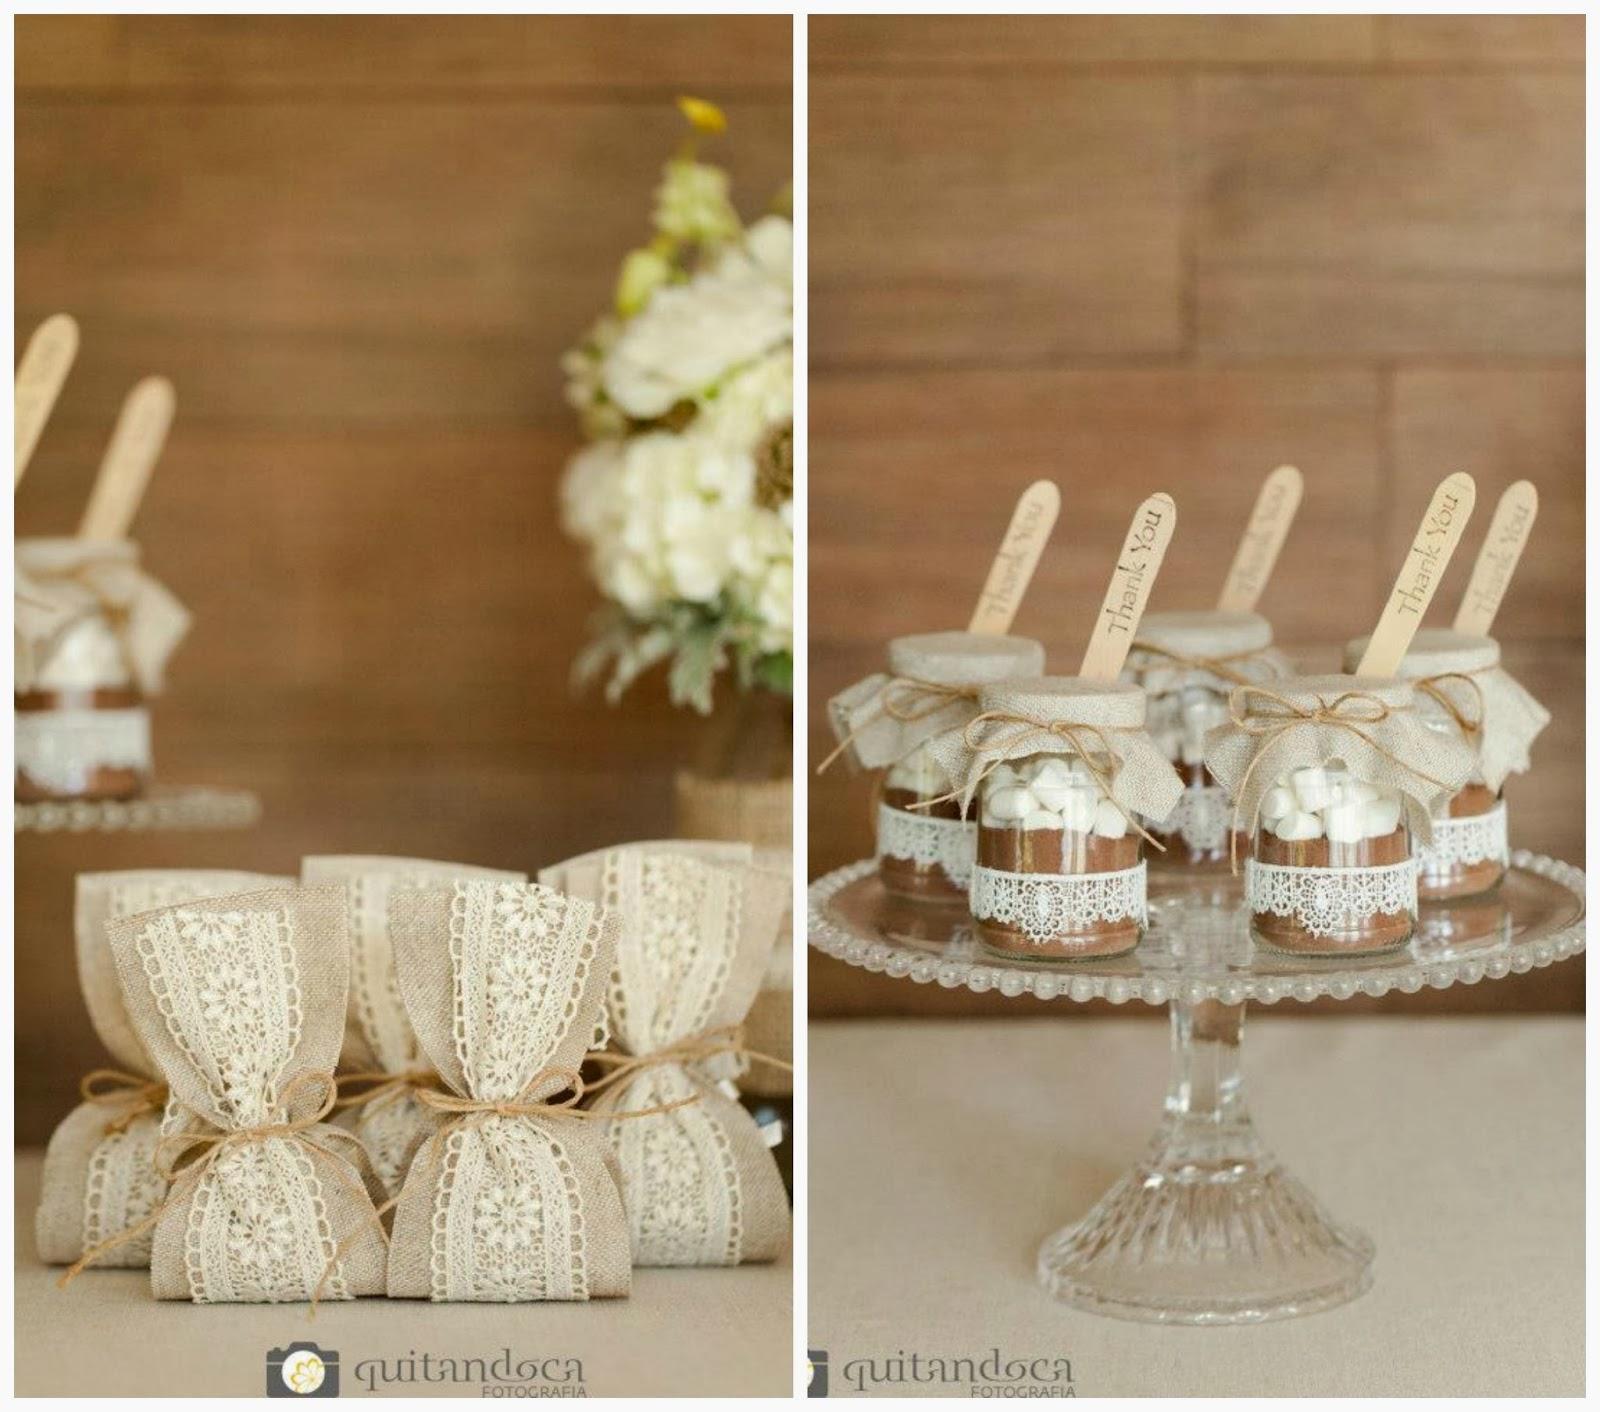 bodas-algodao-lembrancinhas-pote-chocolate